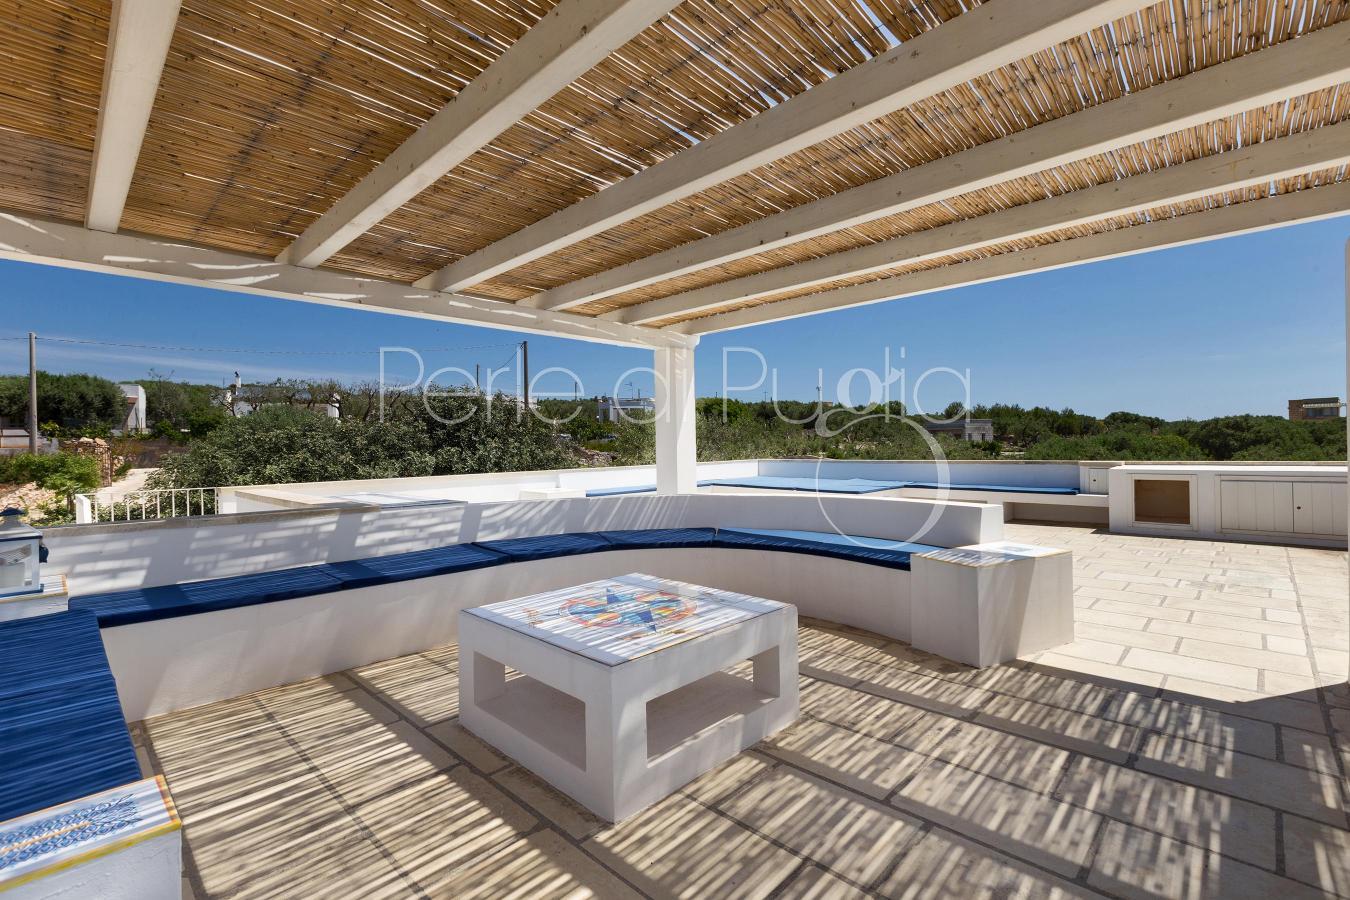 Esclusiva villa con piscina a santa maria di leuca villa - Piscina santa maria ...